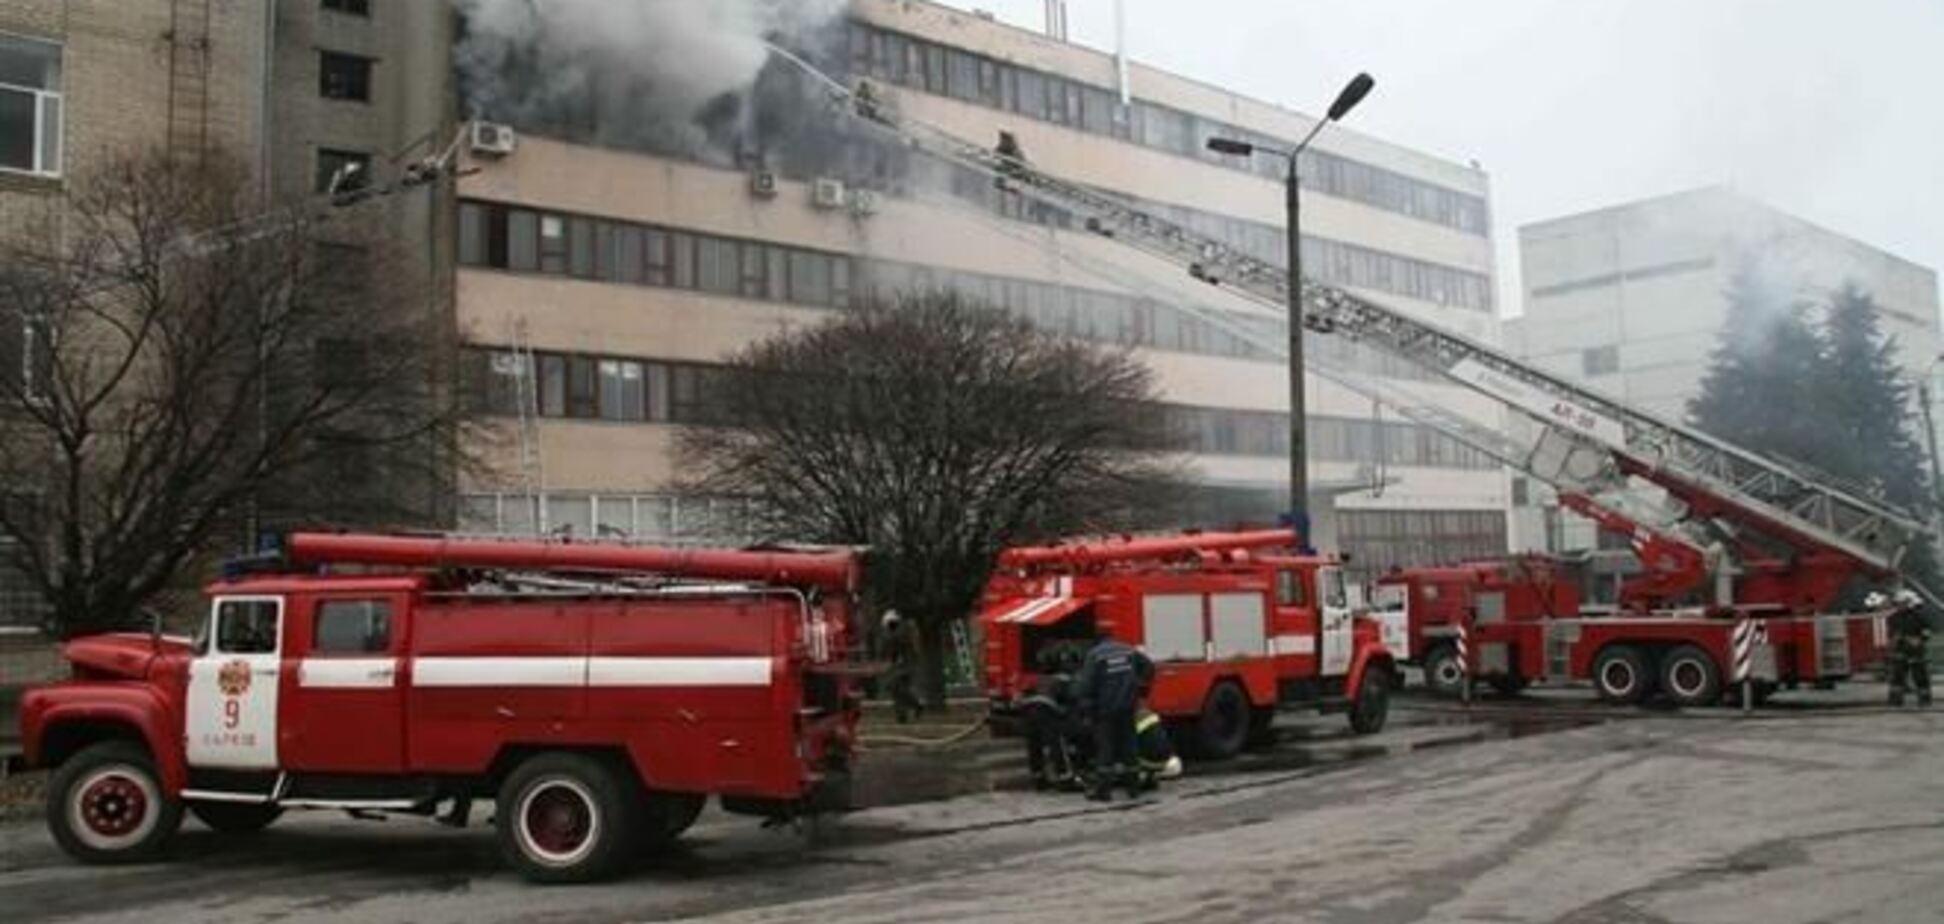 Прокуратура рассматривает две версии пожара на харьковском ювелирном заводе